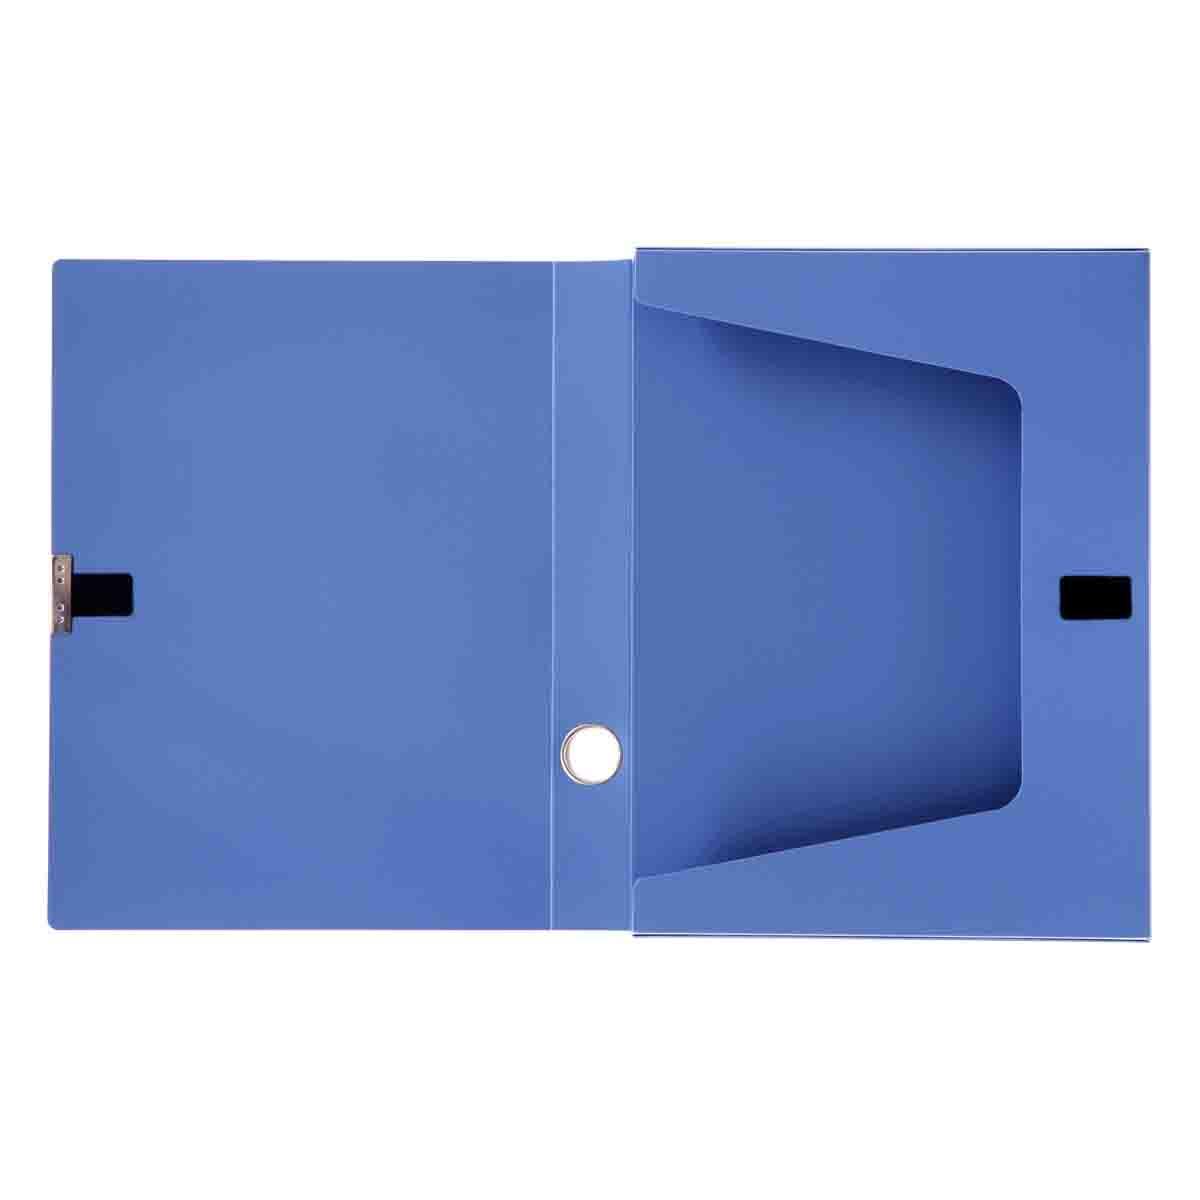 出售石家庄得力用品|销量好的档案盒提供